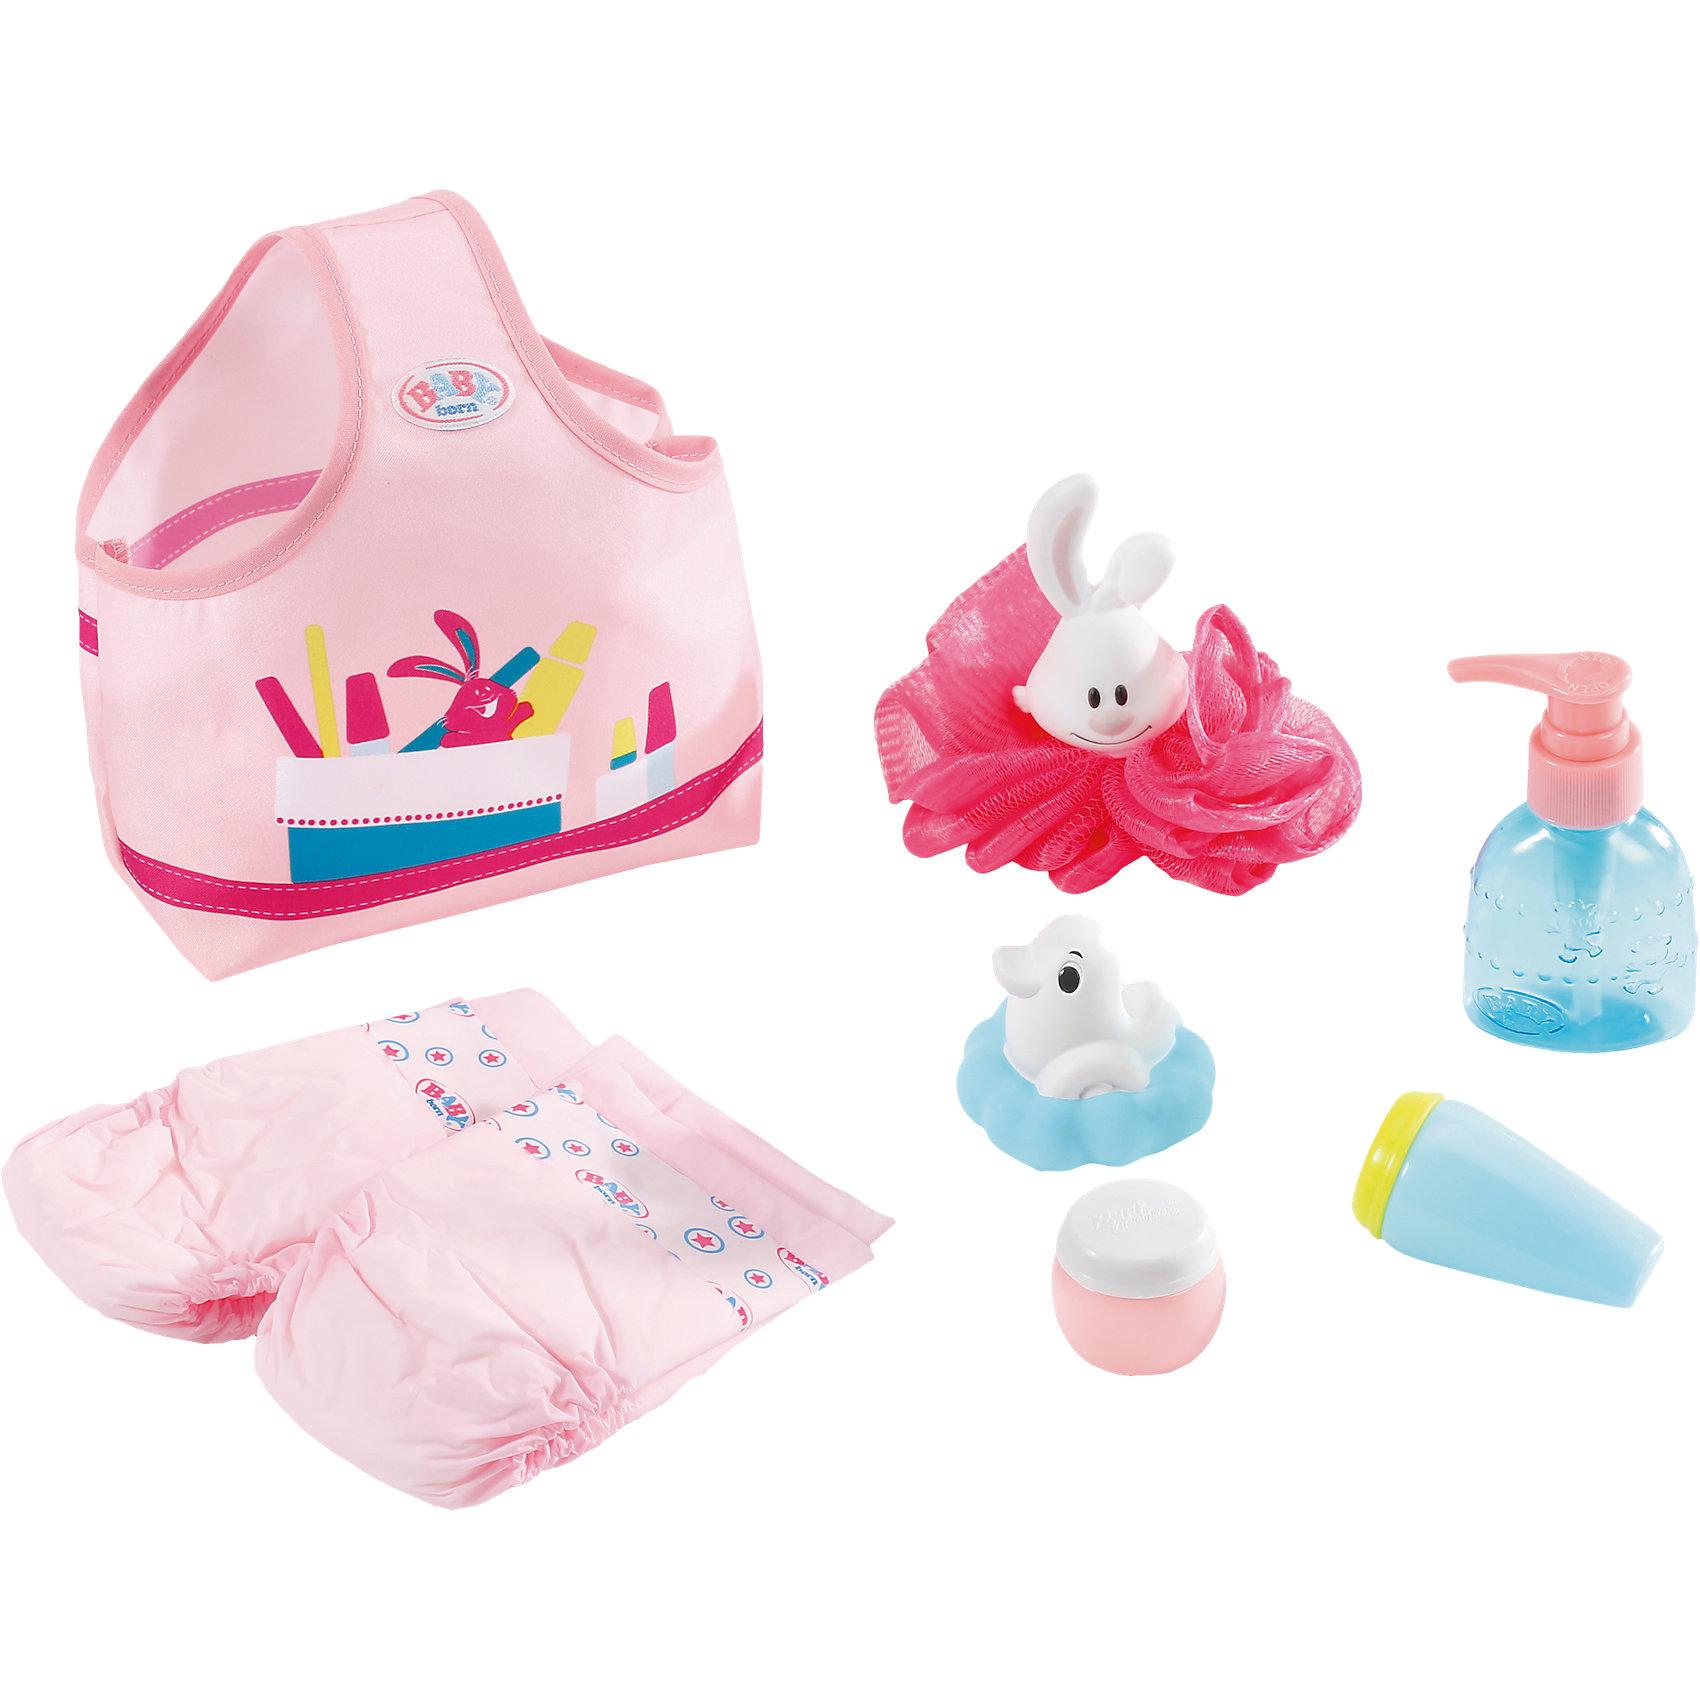 Набор С легким паром, BABY bornКукольная одежда и аксессуары<br>Всё, что нужно твоей малышке для принятия ванны, собрано в сумочку: мочалка, резиновая уточка, игрушечные пена для ванны и крема, два подгузника.<br><br>Ширина мм: 400<br>Глубина мм: 184<br>Высота мм: 88<br>Вес г: 267<br>Возраст от месяцев: 36<br>Возраст до месяцев: 60<br>Пол: Женский<br>Возраст: Детский<br>SKU: 5030822